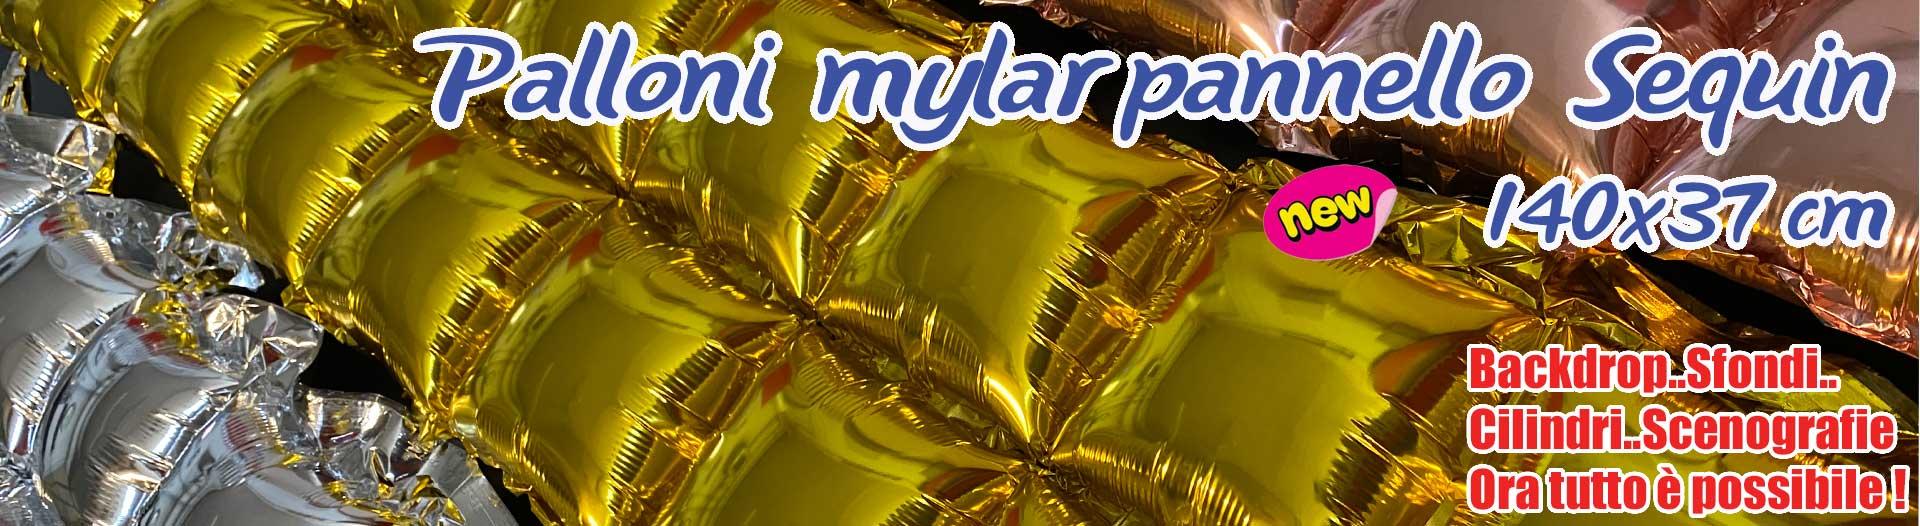 mylar-pannello-sequin-big